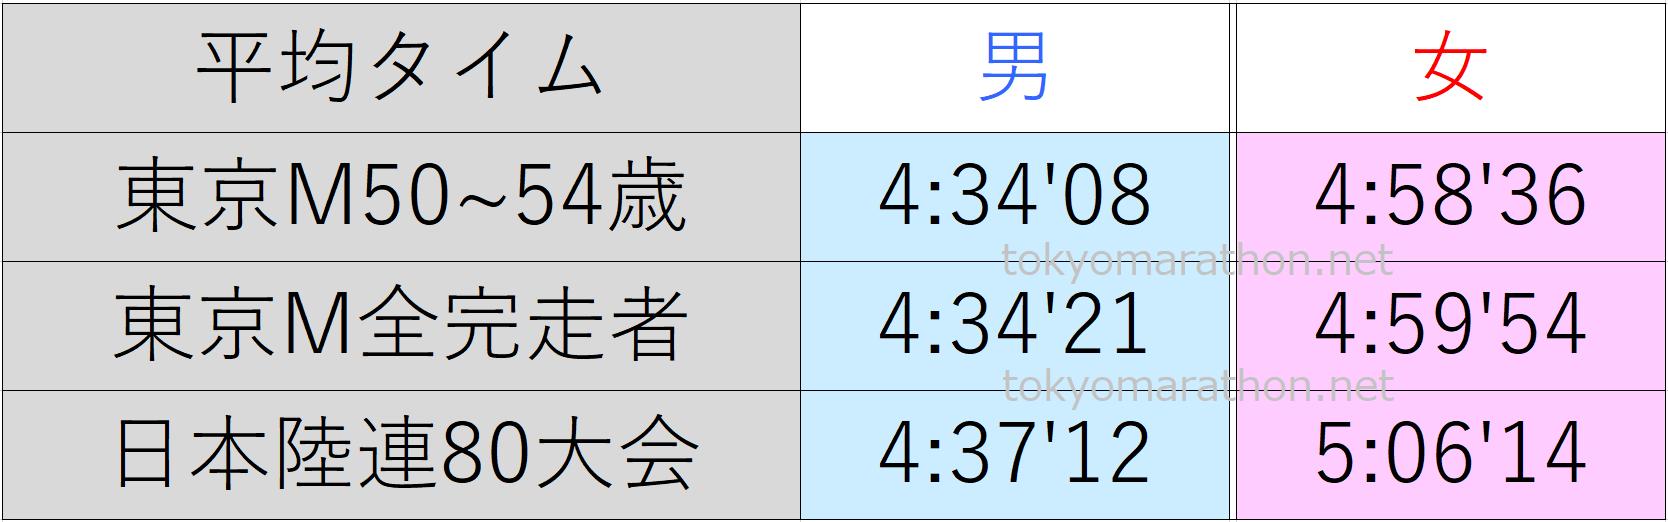 東京マラソン50~54歳の平均タイム、東京マラソン全ランナーの平均タイム、日本陸連公認の80大会の平均タイム一覧表。すべて男女別にまとめた画像です。